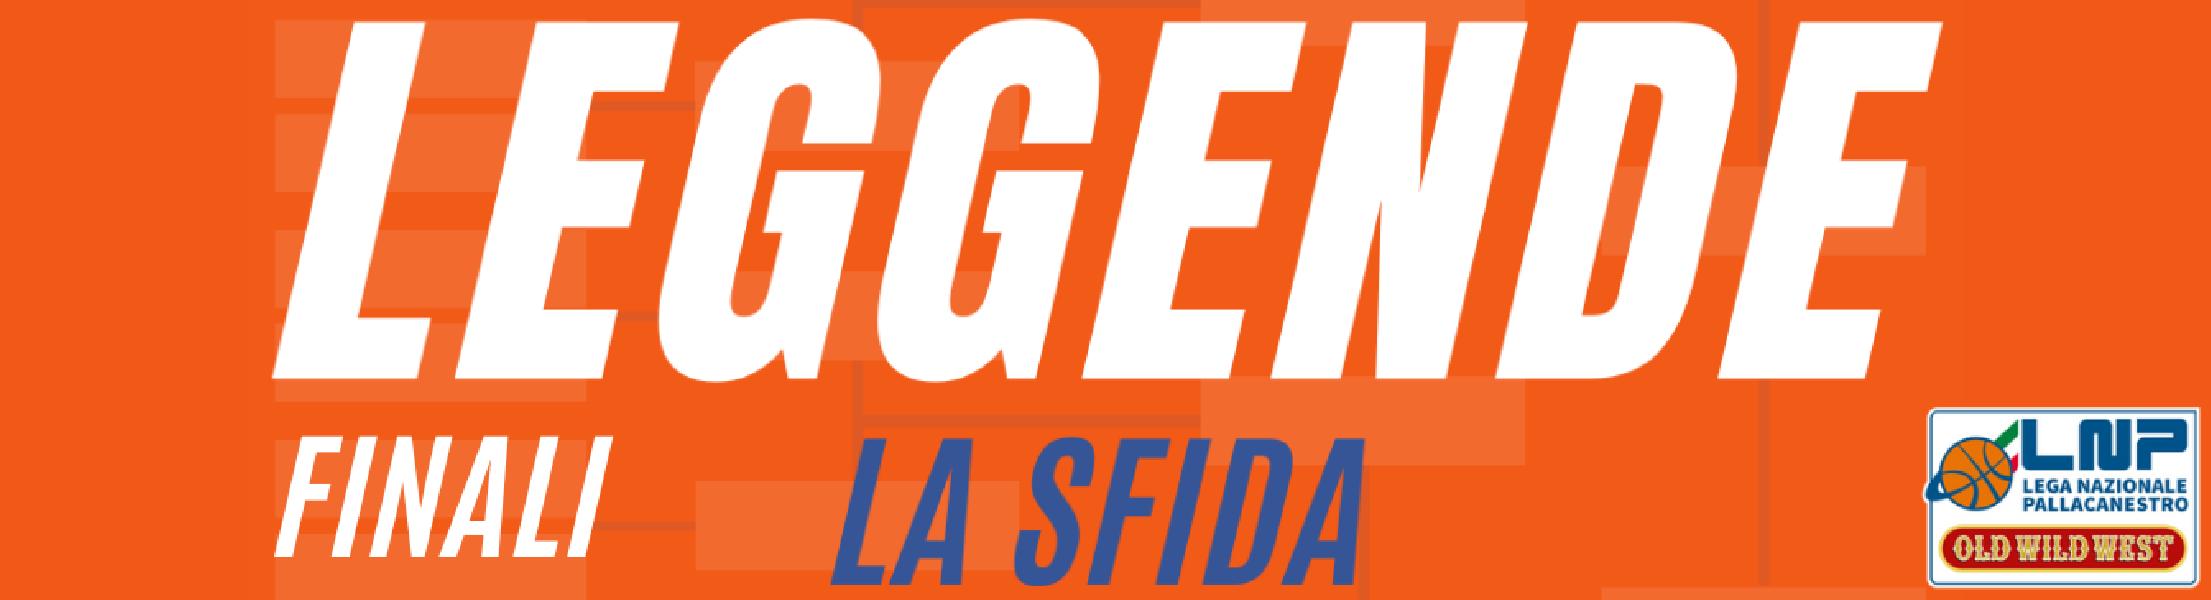 https://www.basketmarche.it/immagini_articoli/11-05-2020/decisi-magnifici-marted-quarti-finale-contest-leggende-600.png